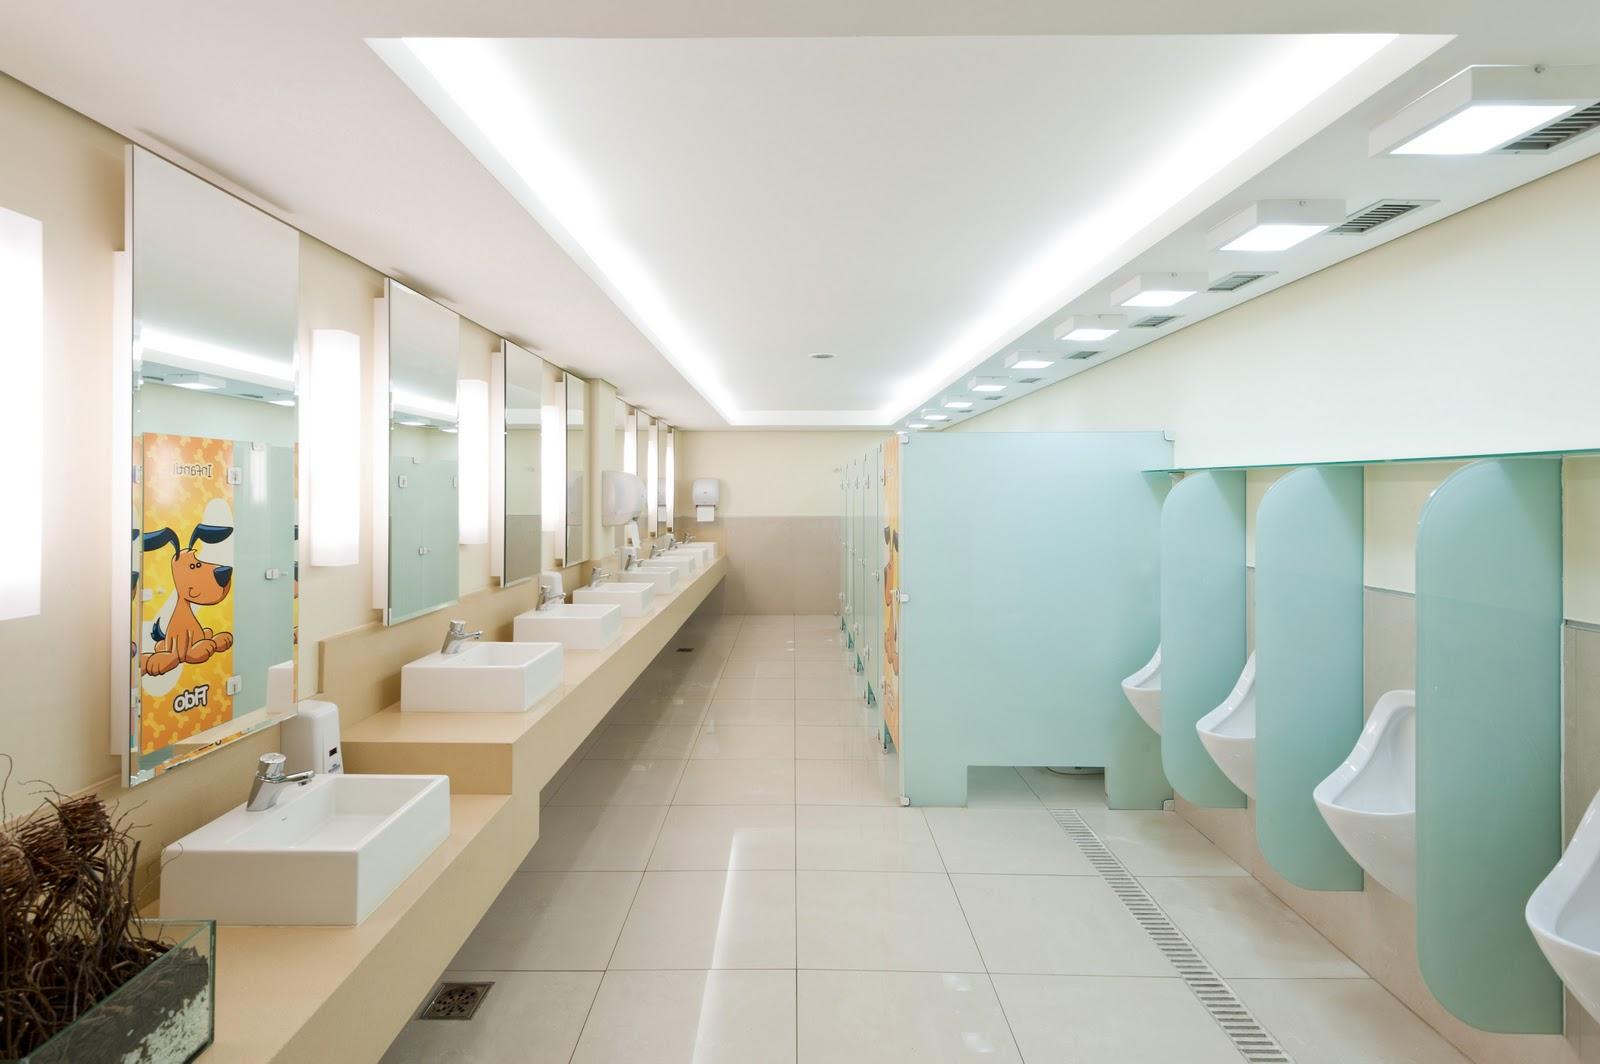 Arquiteto Daltônico: Novos banheiros do Taguatinga Shopping #9F6D2C 1600 1064